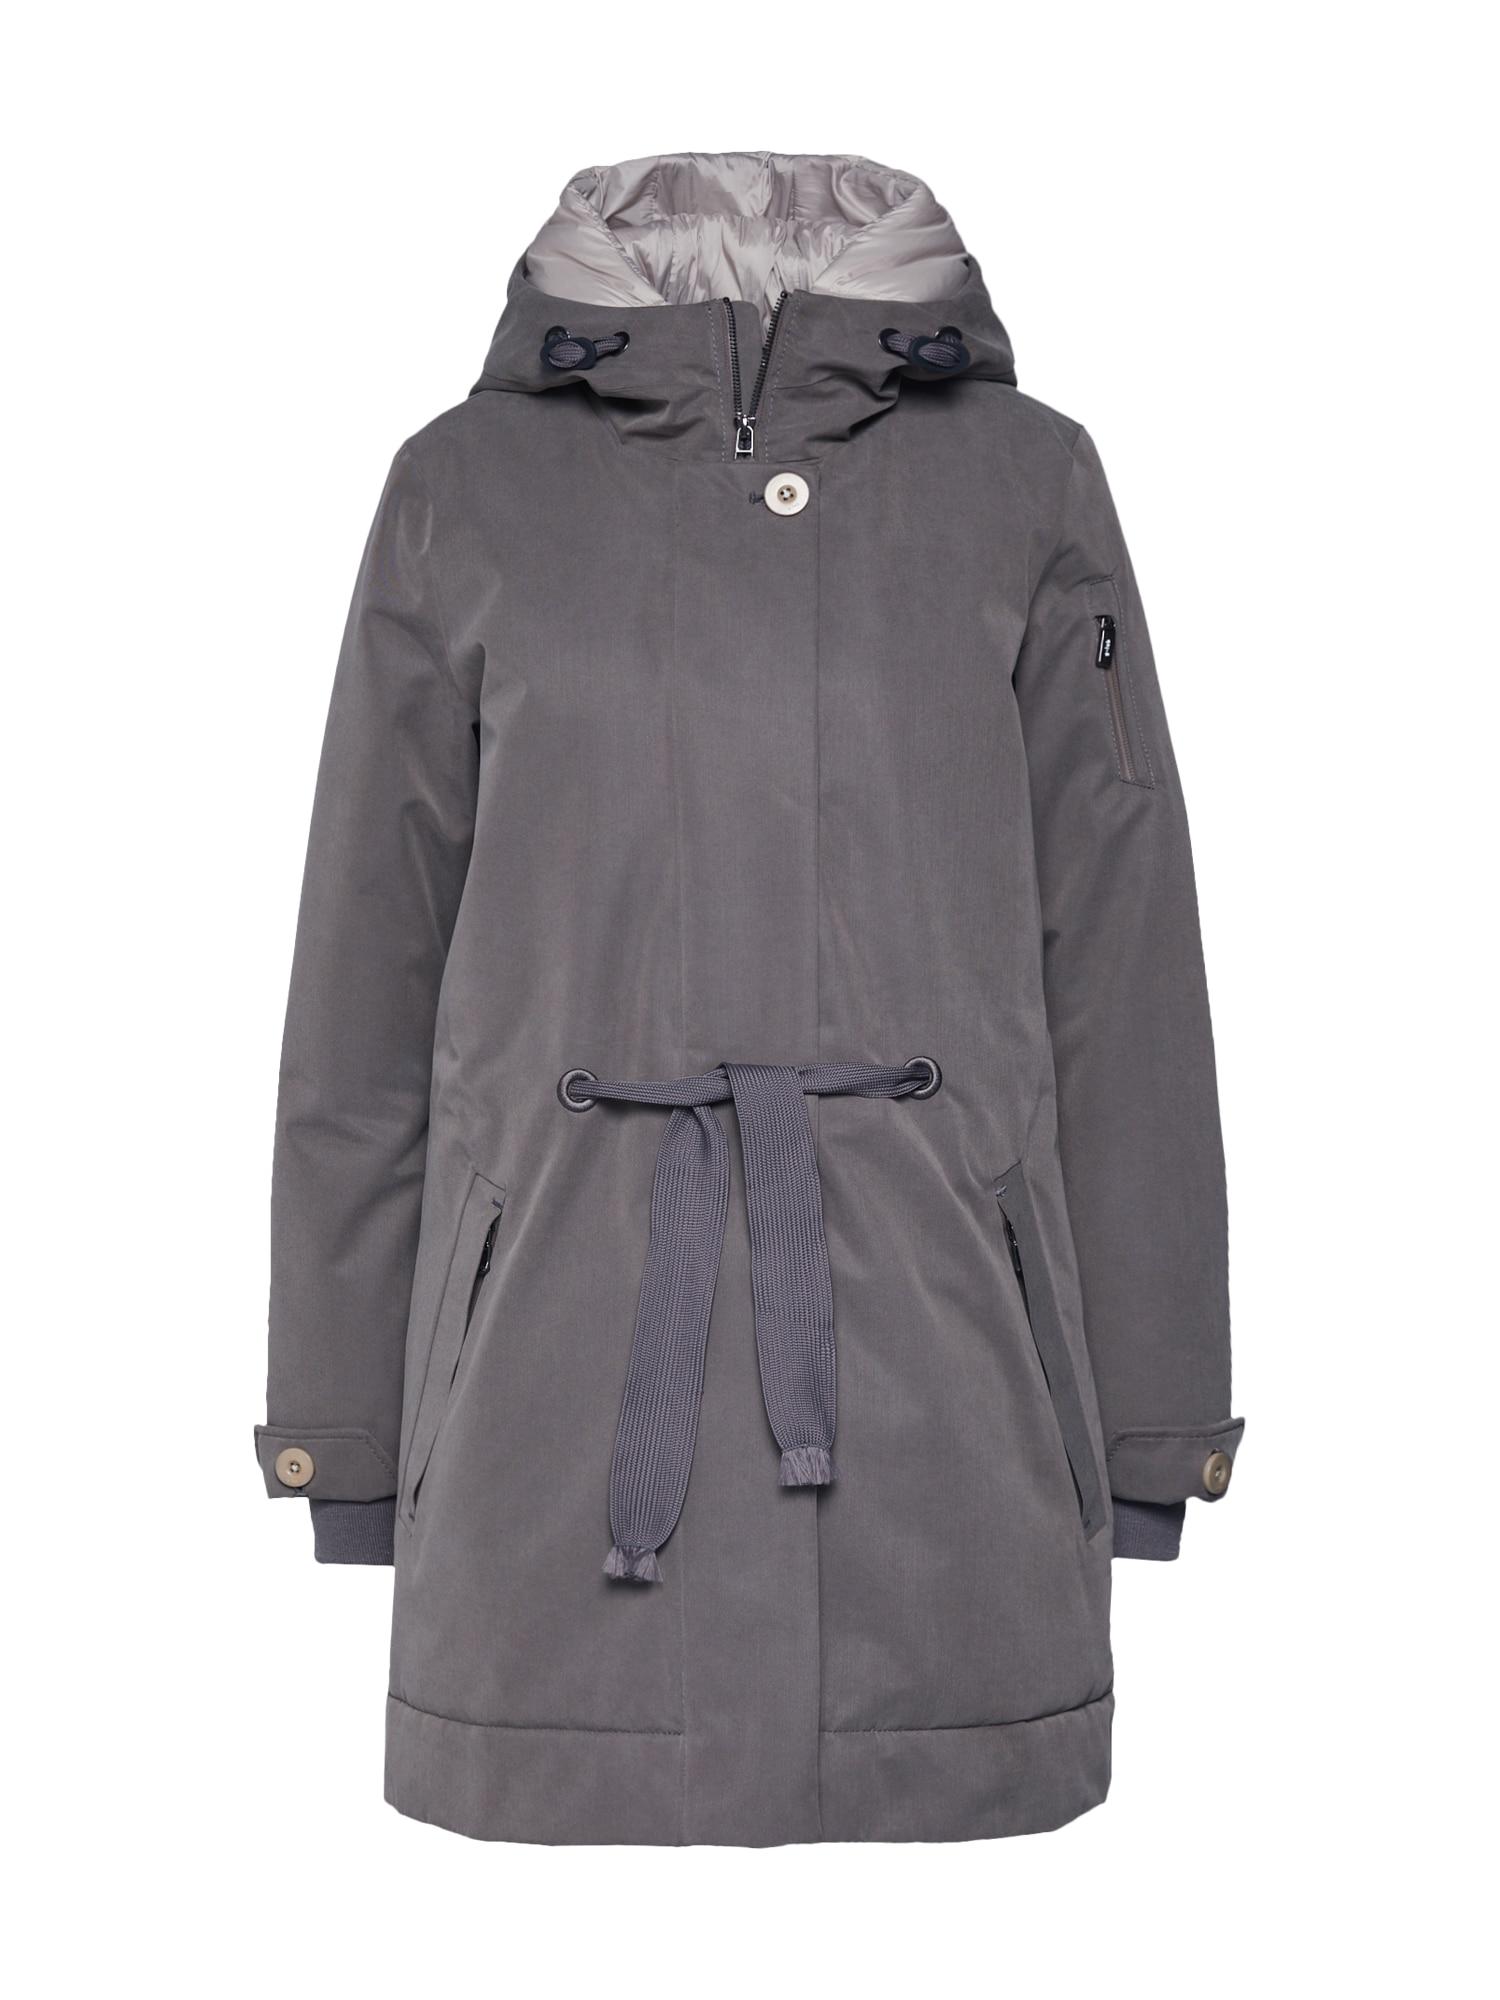 Přechodný kabát NEA šedobéžová G-lab